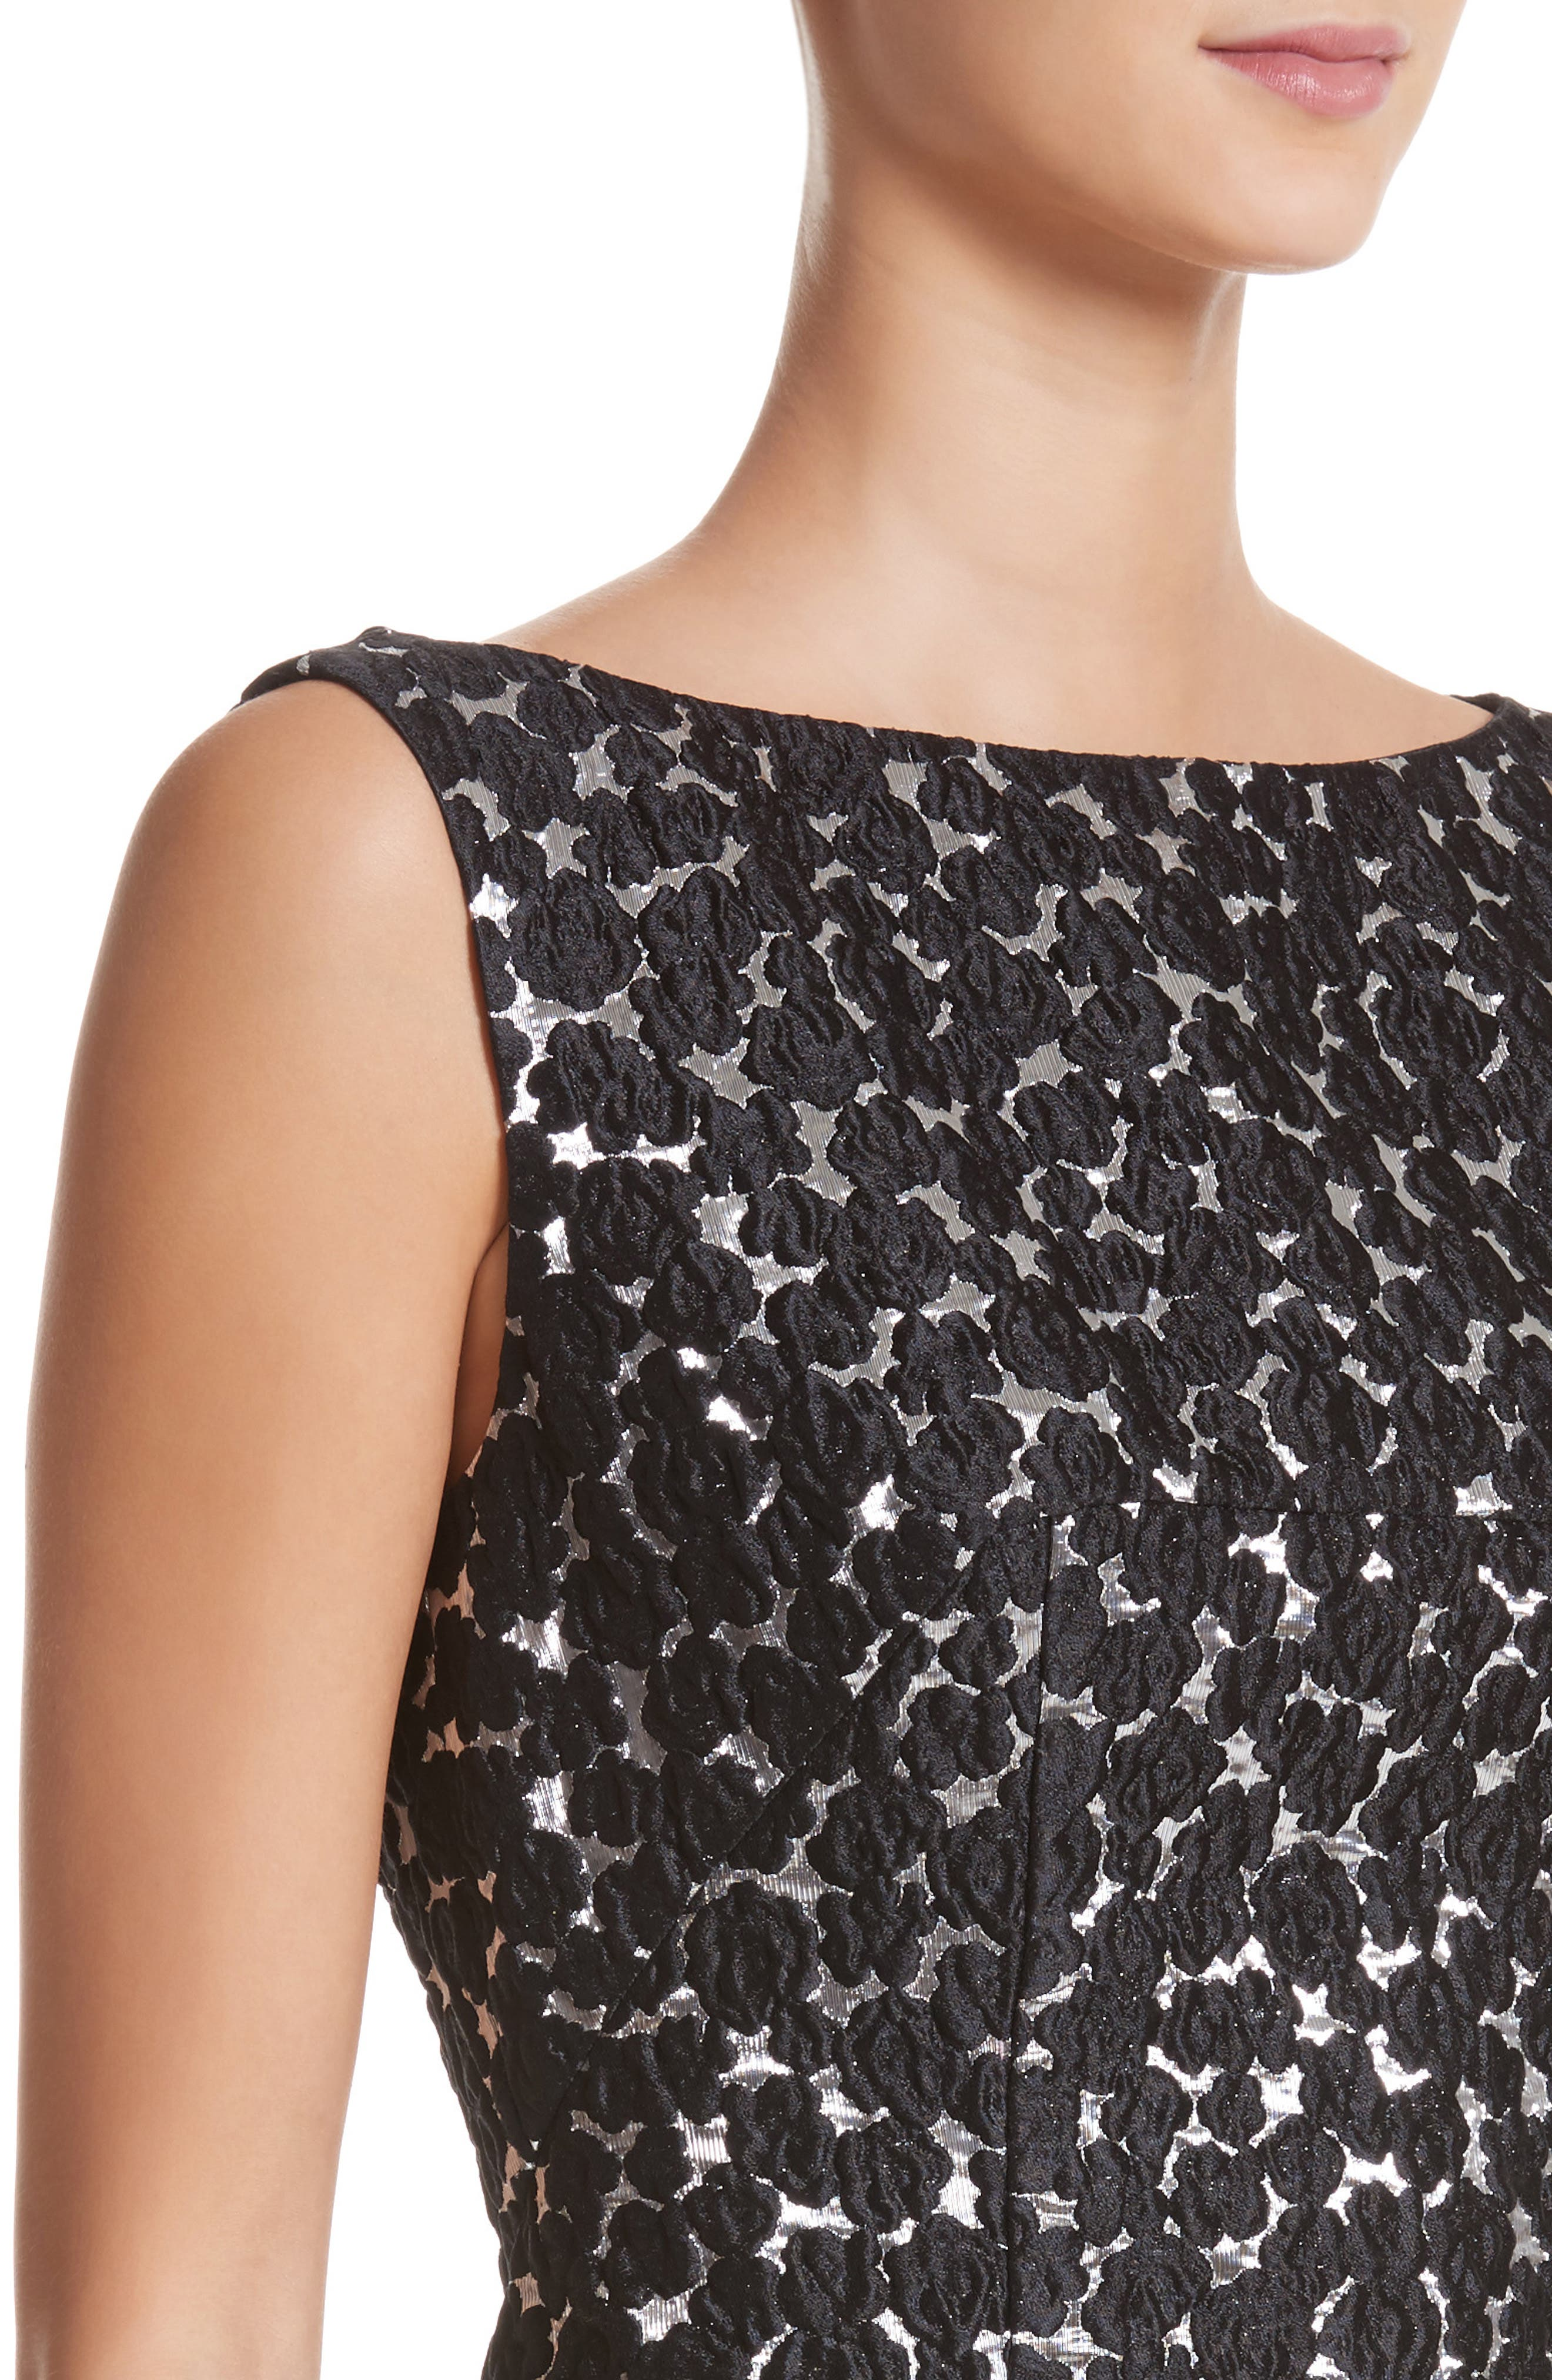 Floral Matelassé A-Line Dress,                             Alternate thumbnail 4, color,                             Black / Silver